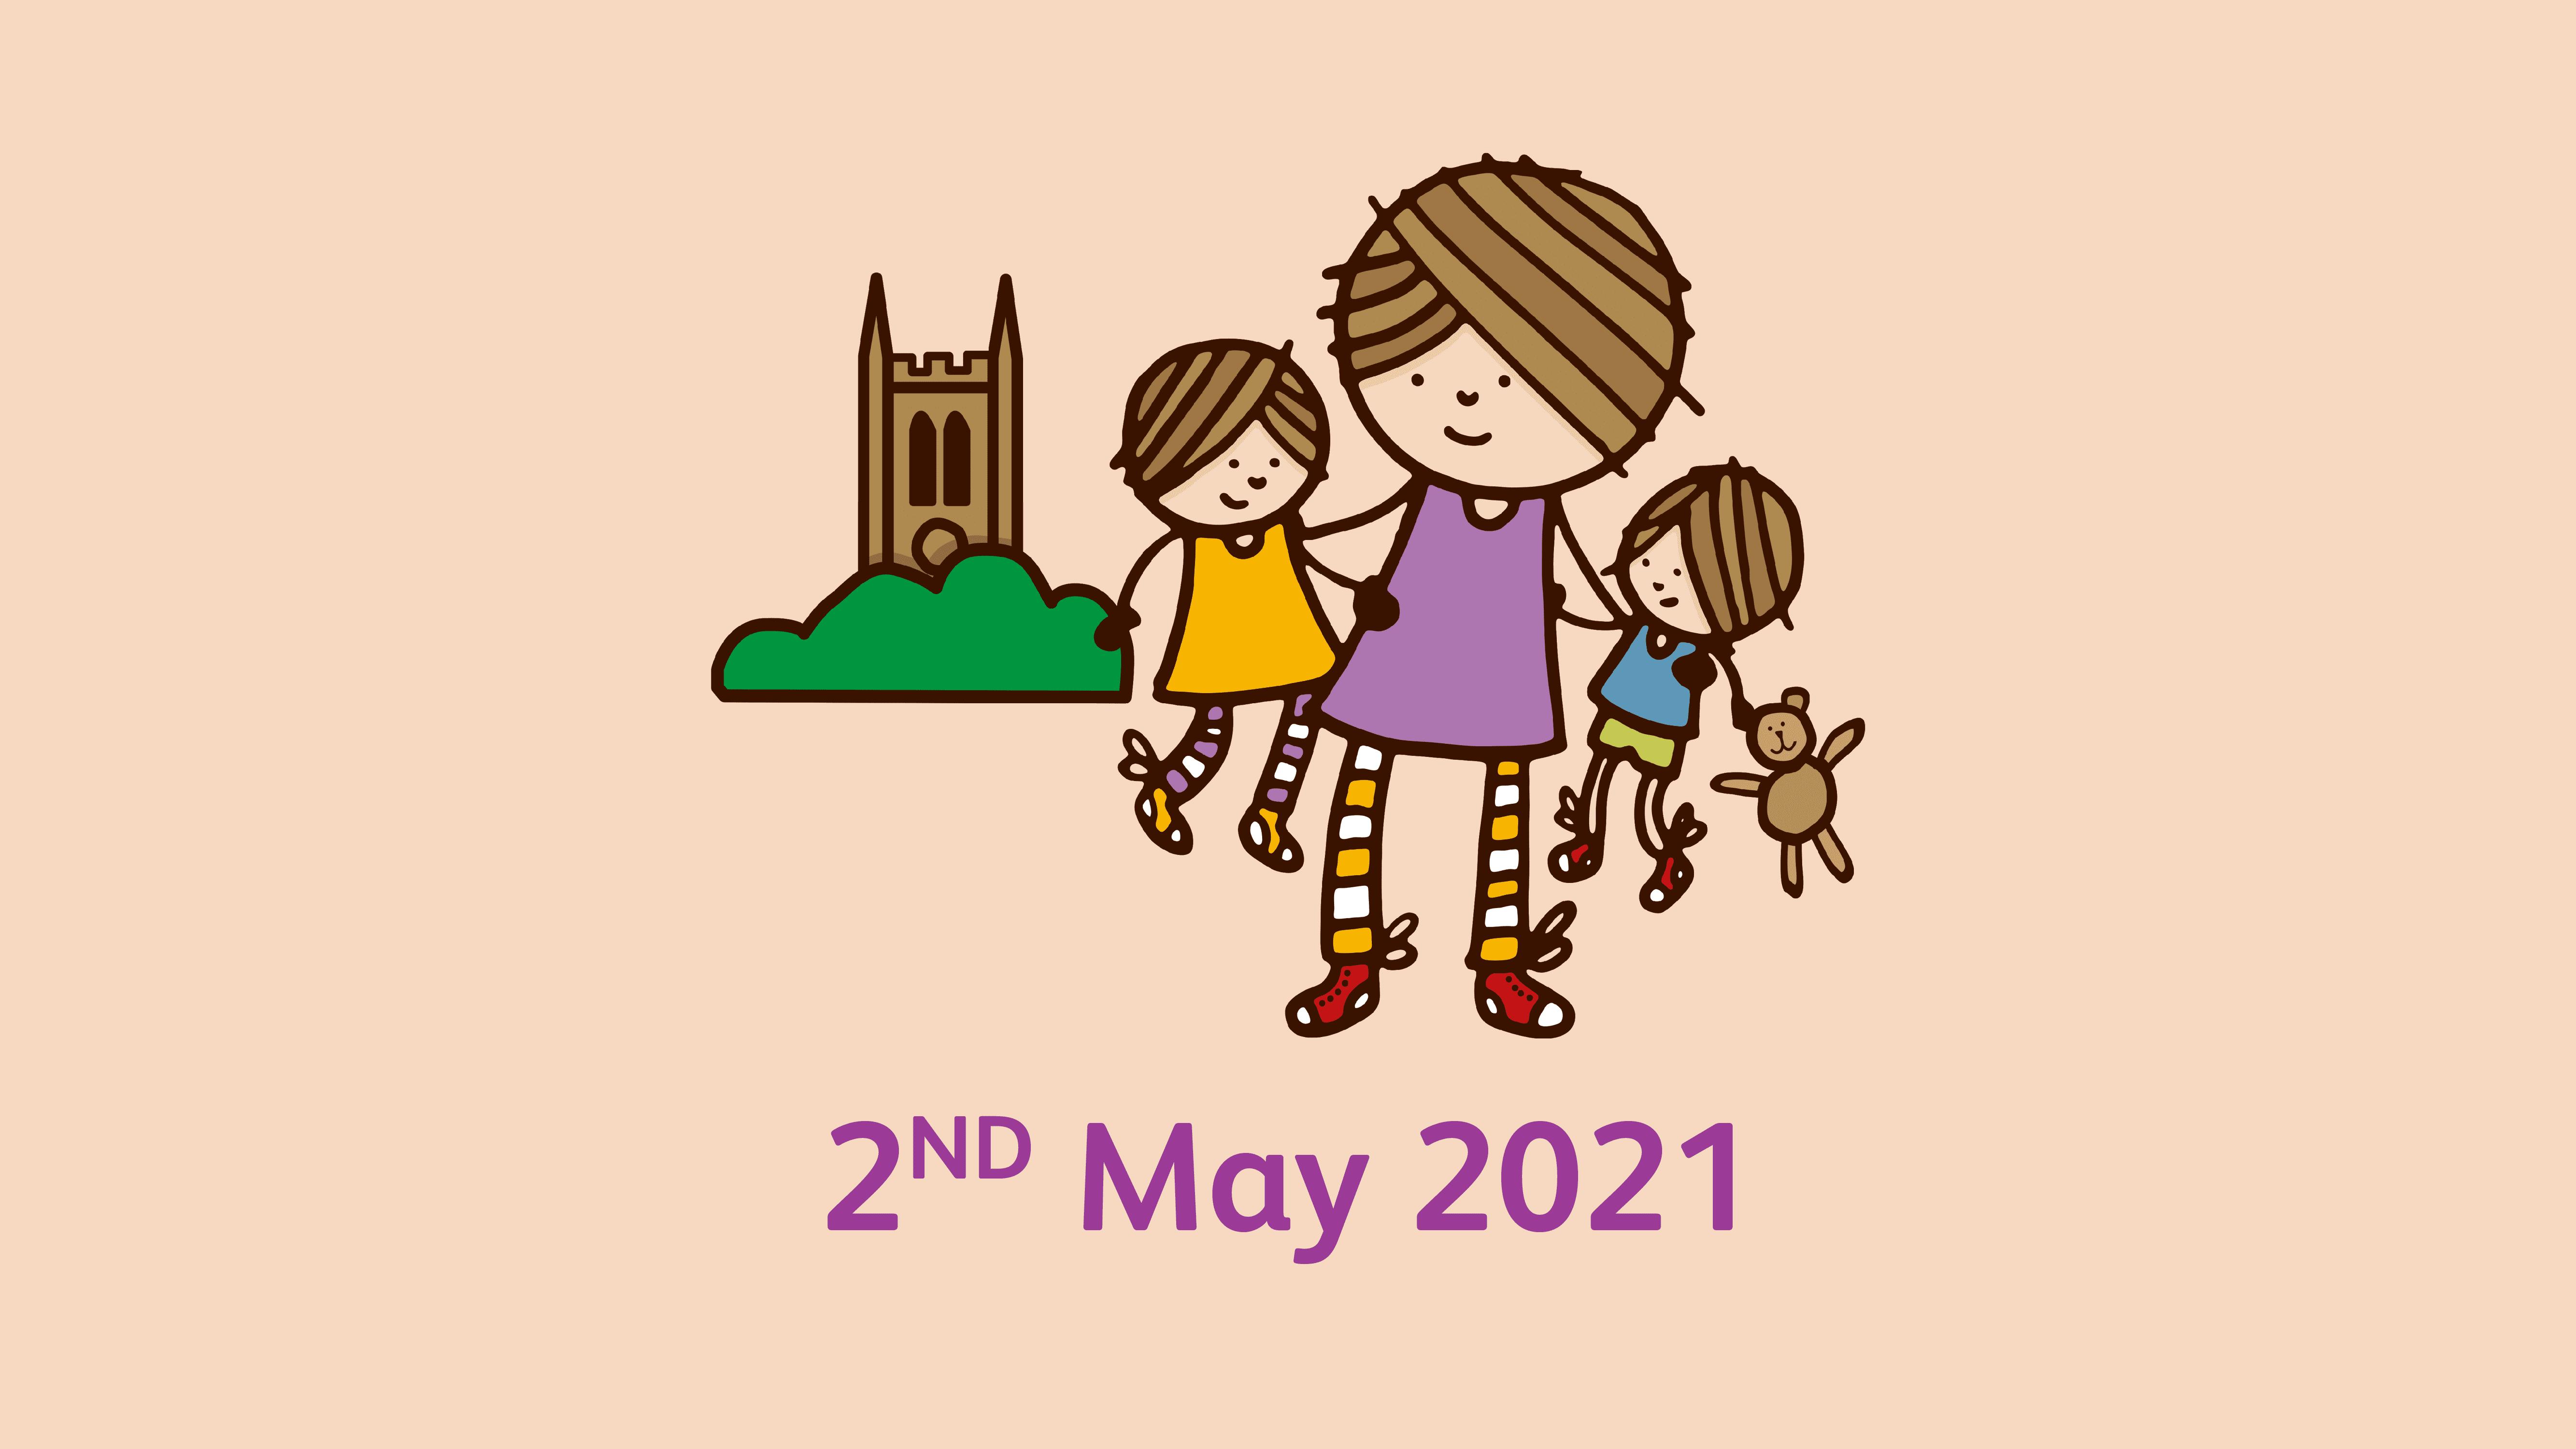 2 May